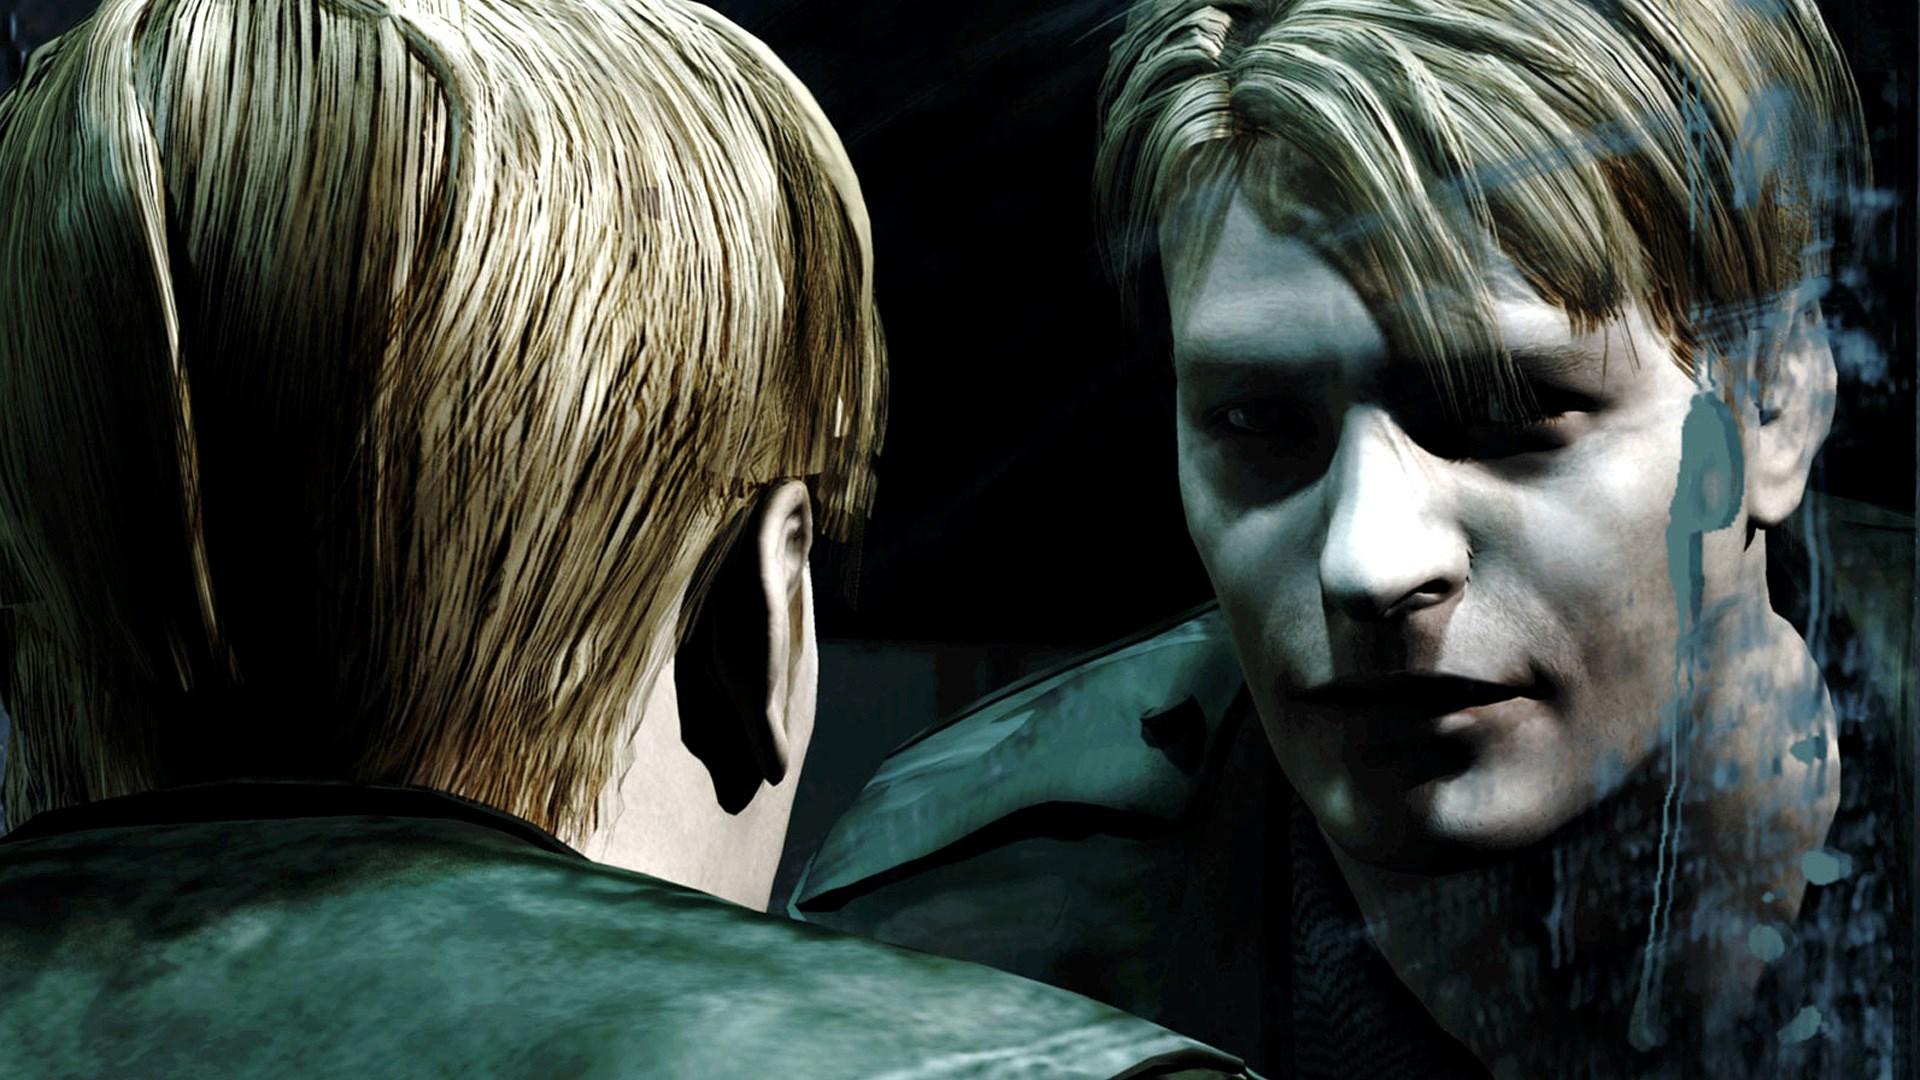 Фанаты улучшили оригинальный Silent Hill 2 досовременного уровня